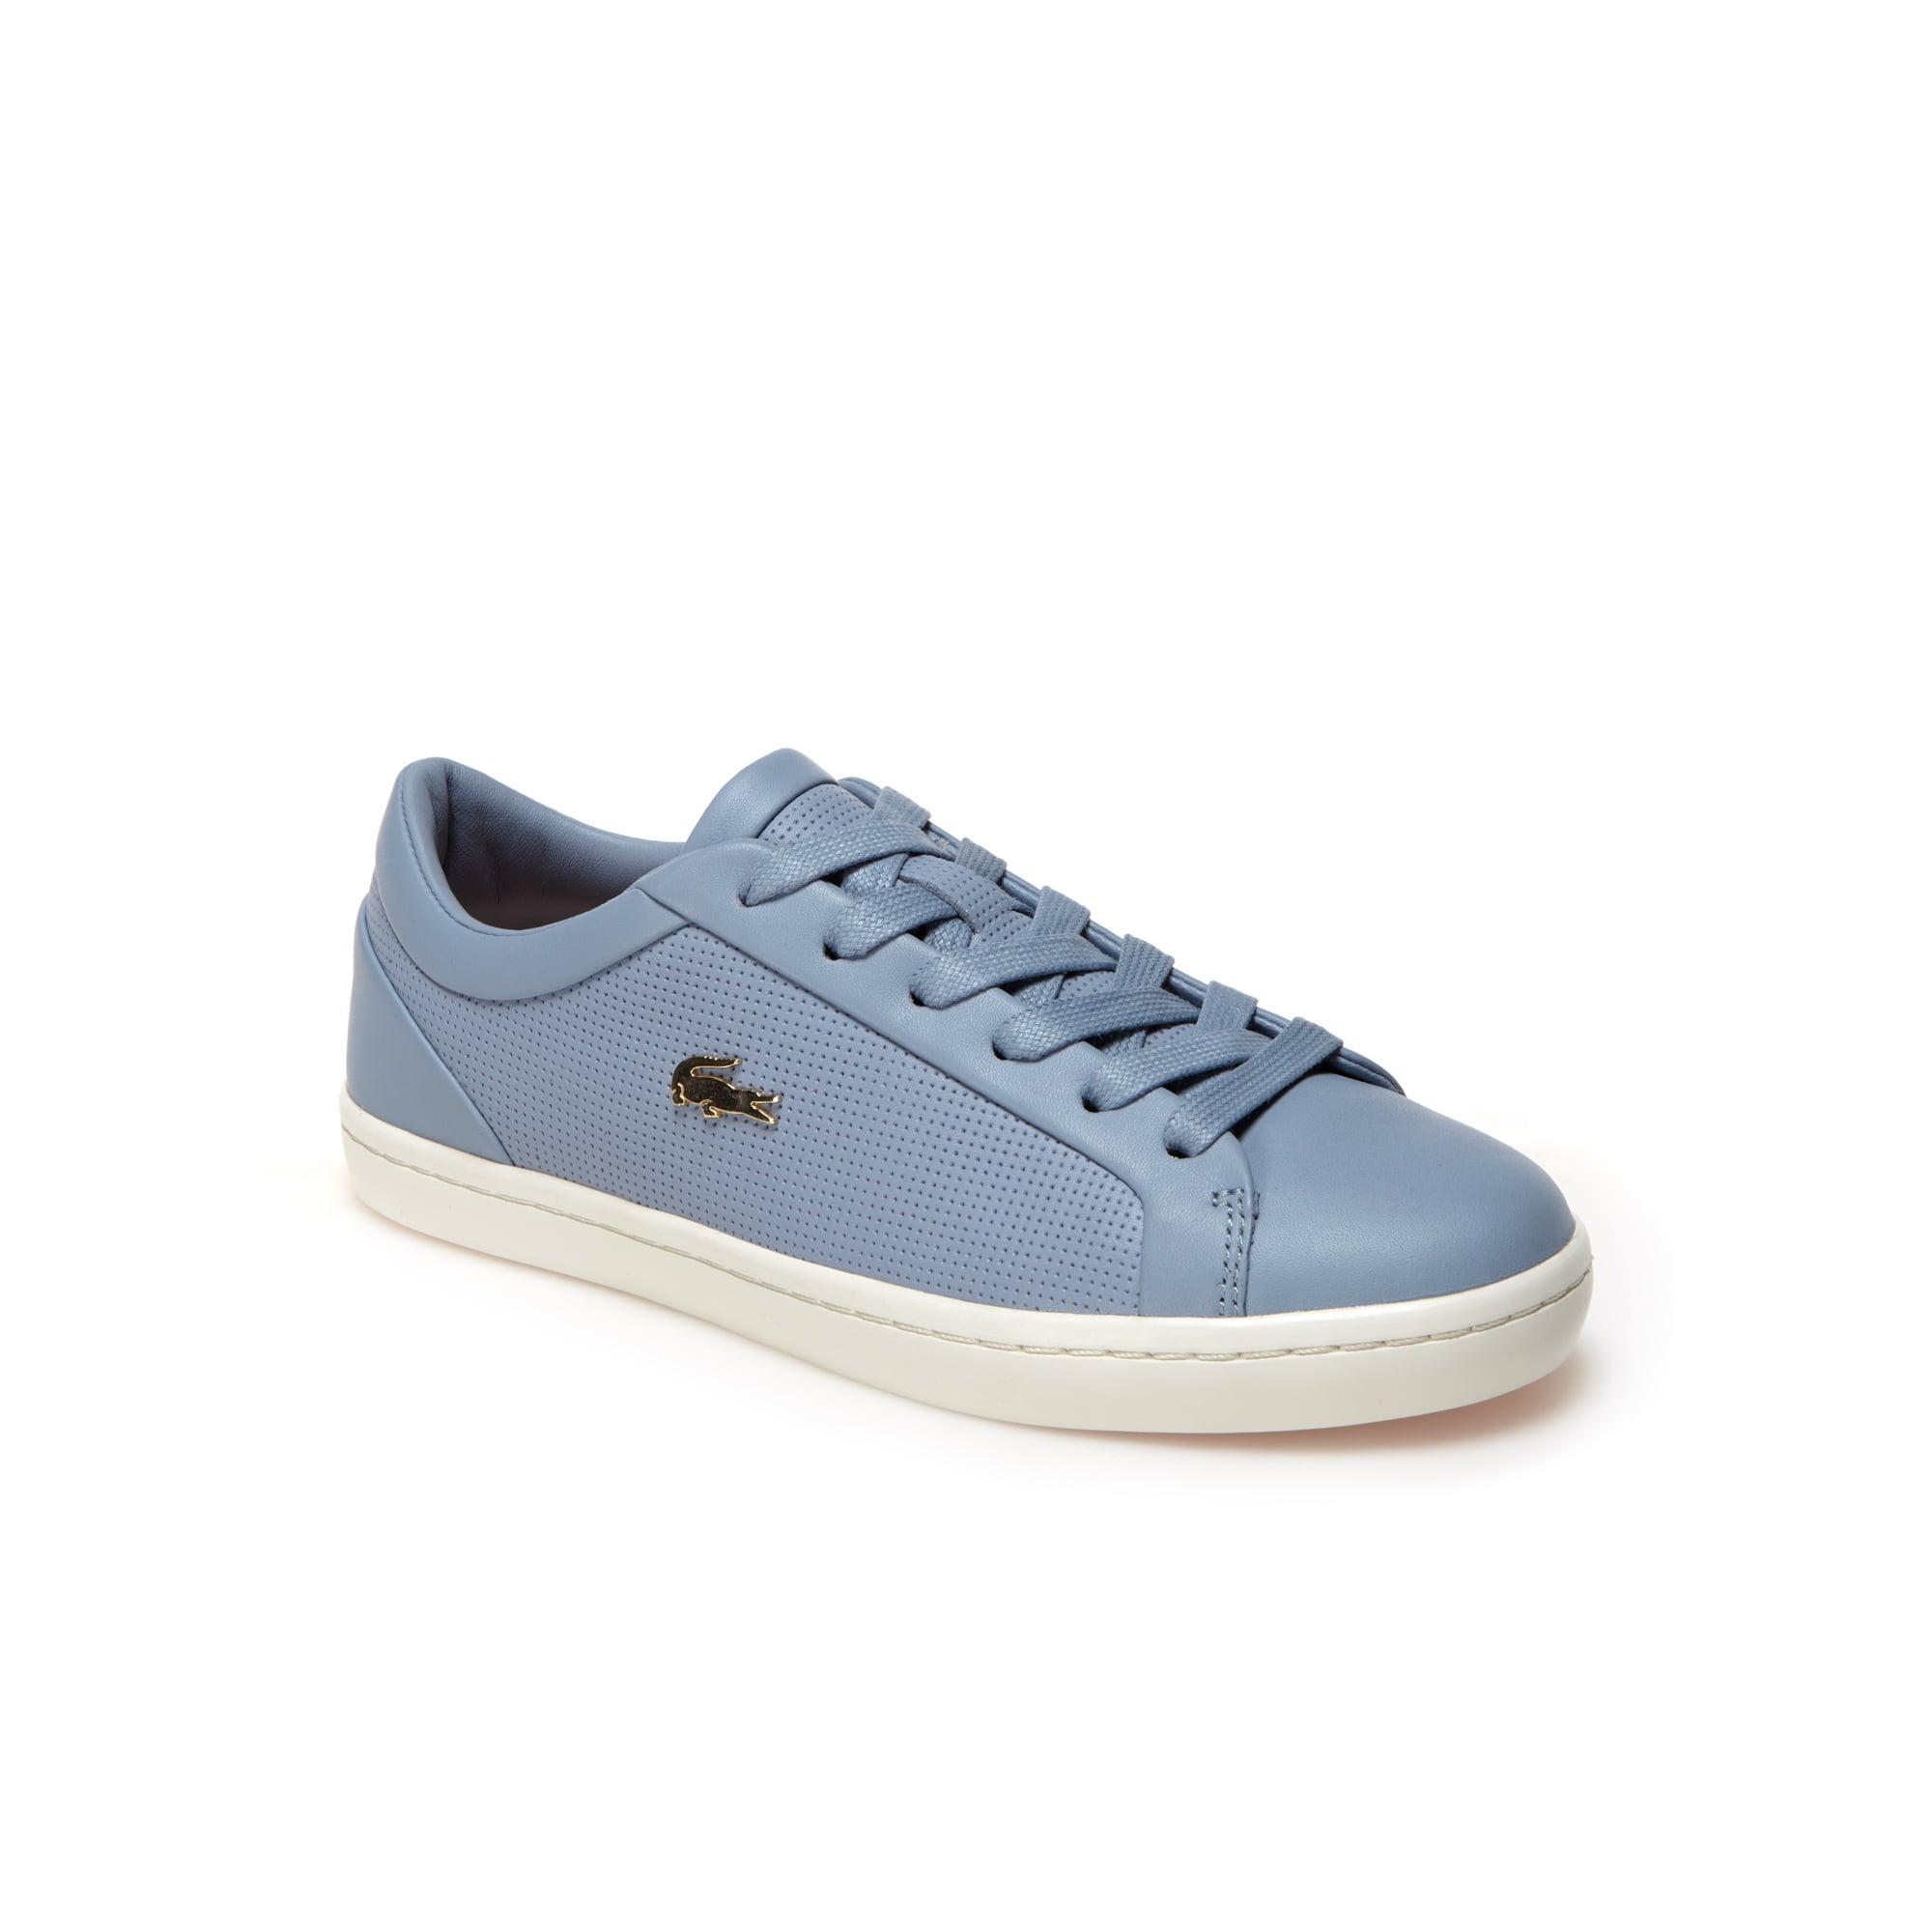 Damen-Sneakers STRAIGHTSET aus Nappaleder